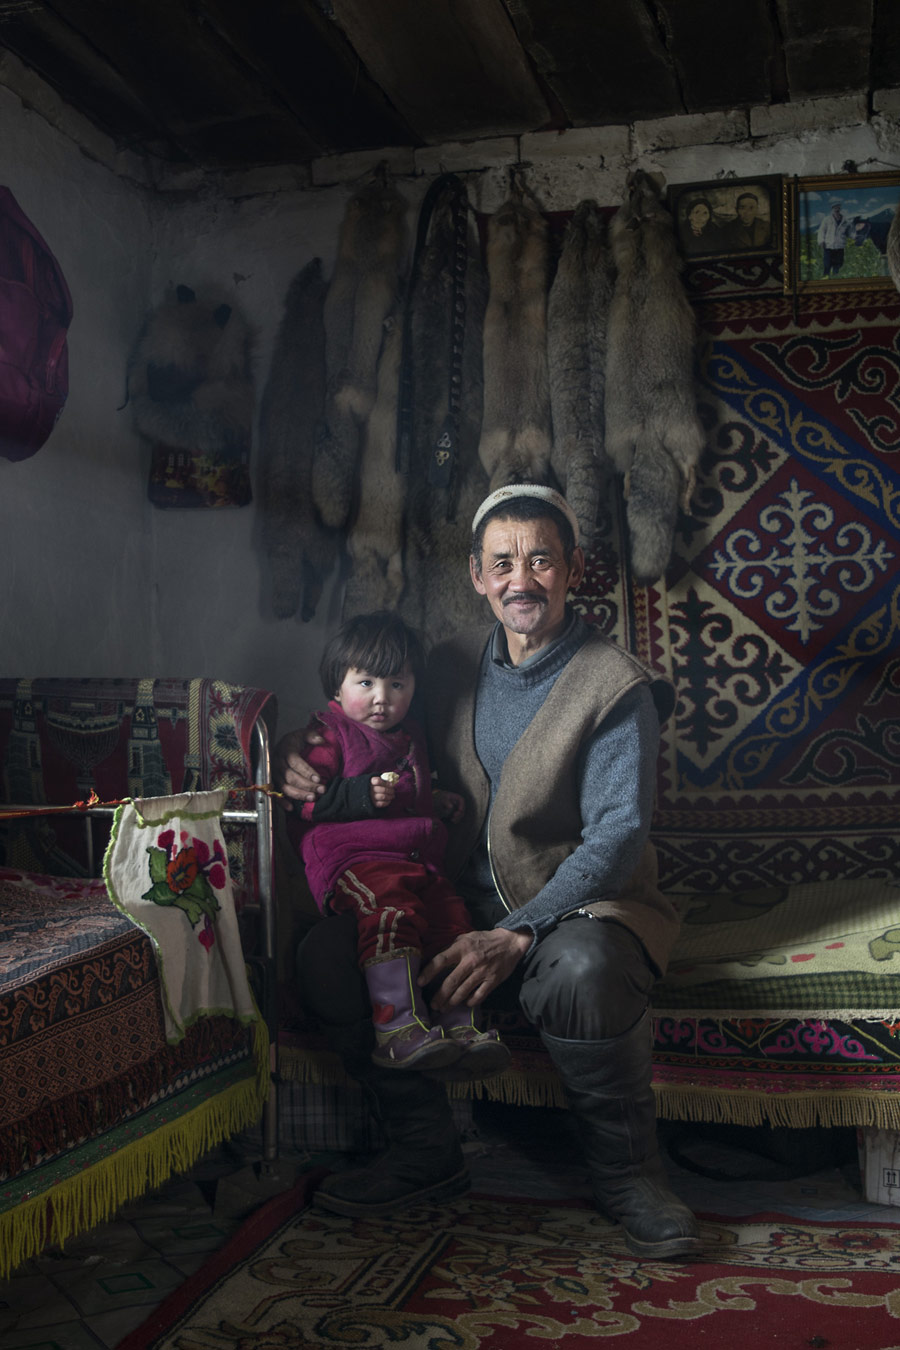 Болдекен (орлиный охотник), © Димитрий Сташевский, Филадельфия, США, Финалист категории «Портреты в путешествии», любитель, Фотоконкурс экстремальных путешествий «Мир в фокусе» — World In Focus